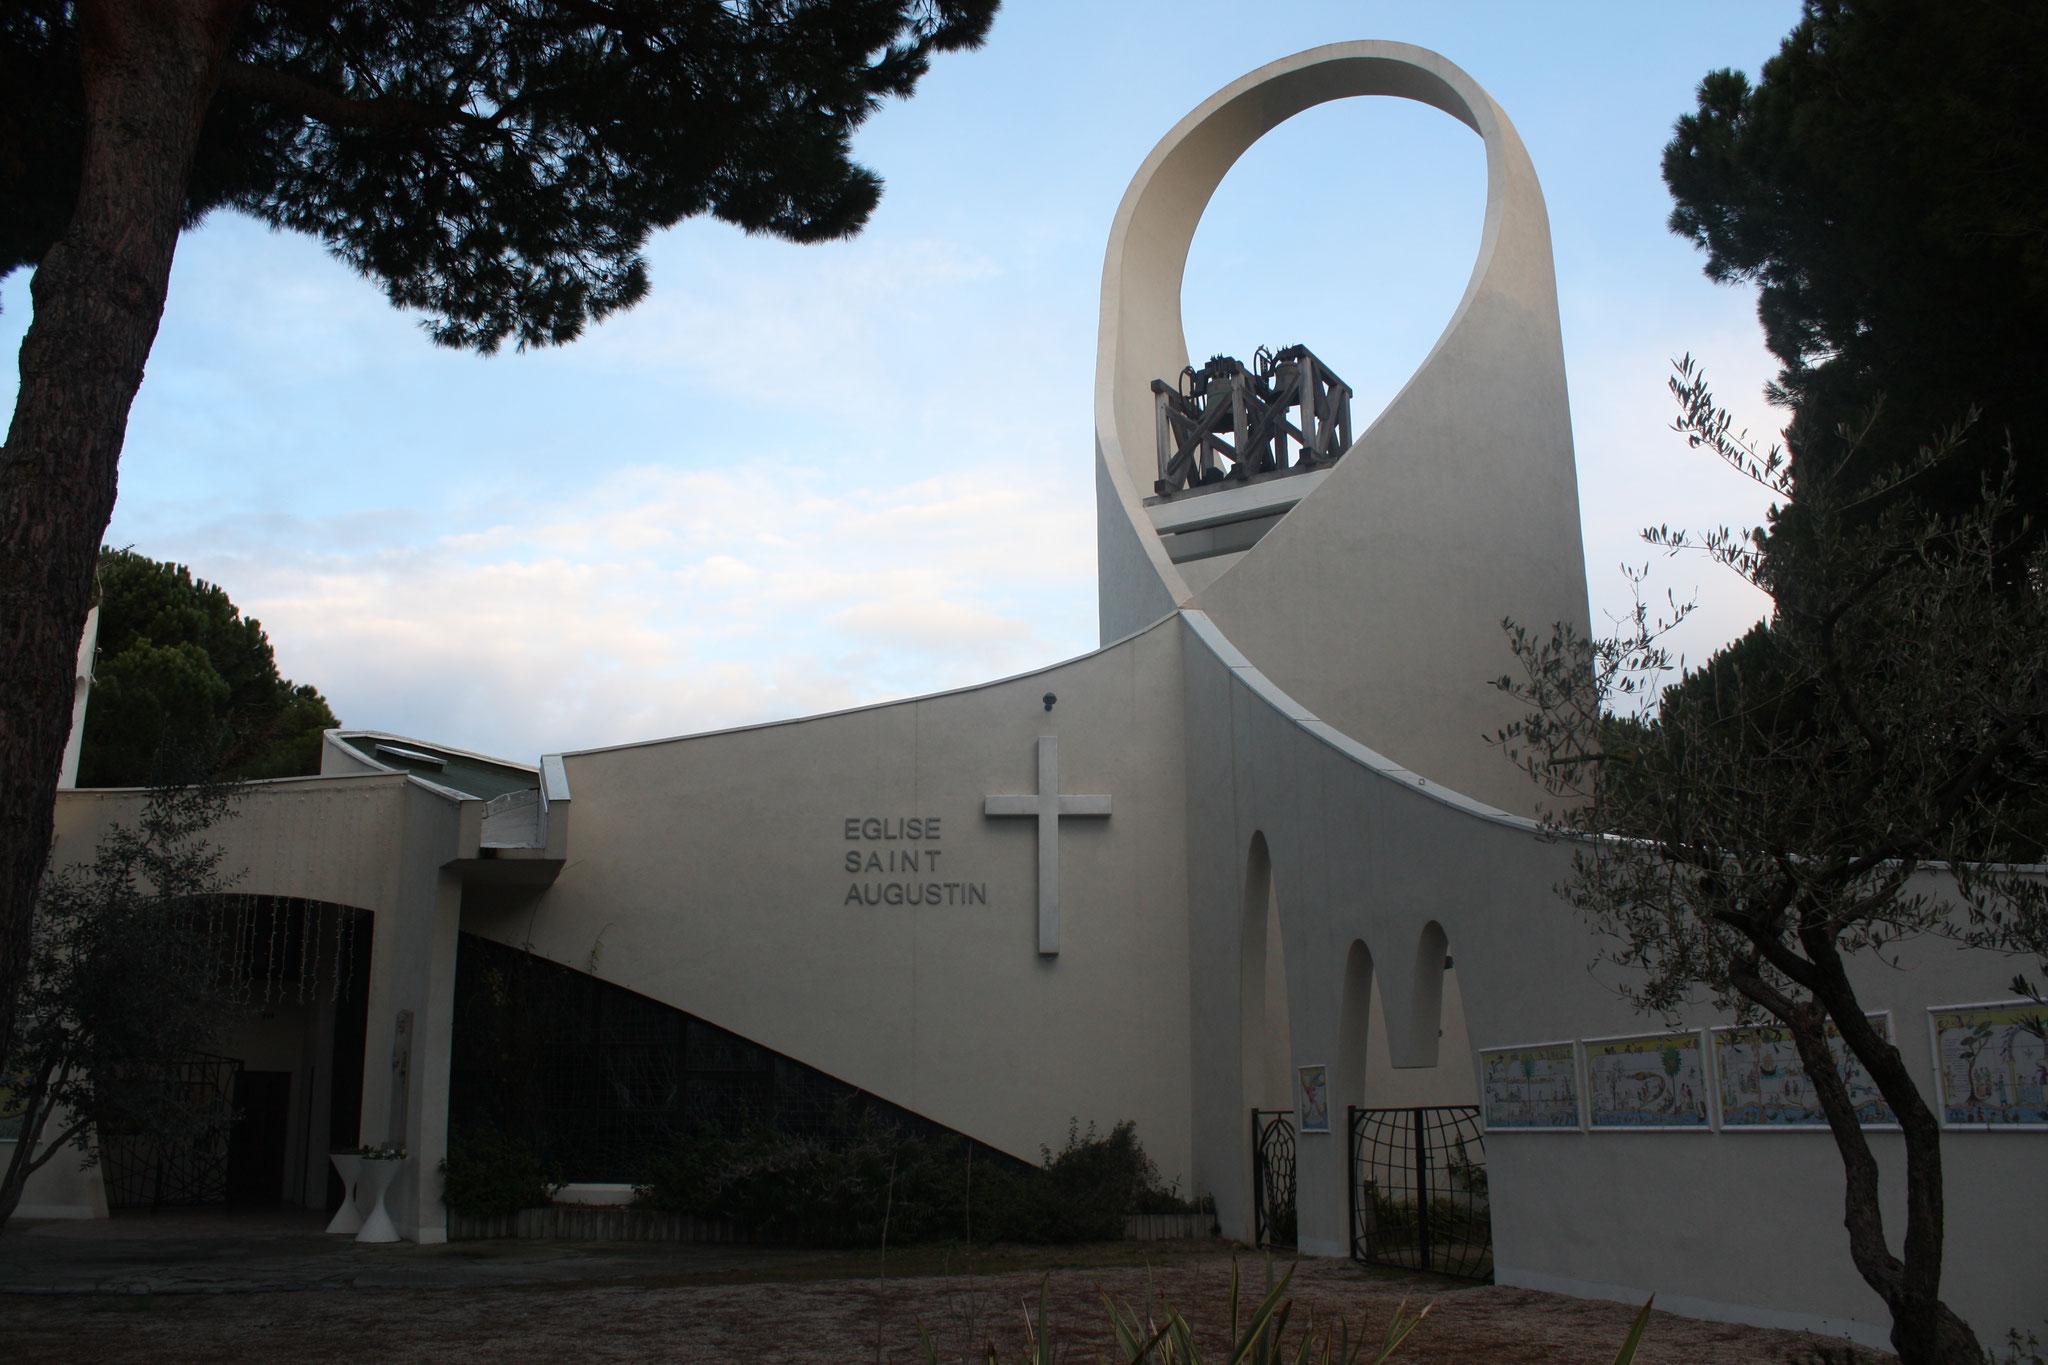 L'église Saint Augustin - (c) JDR